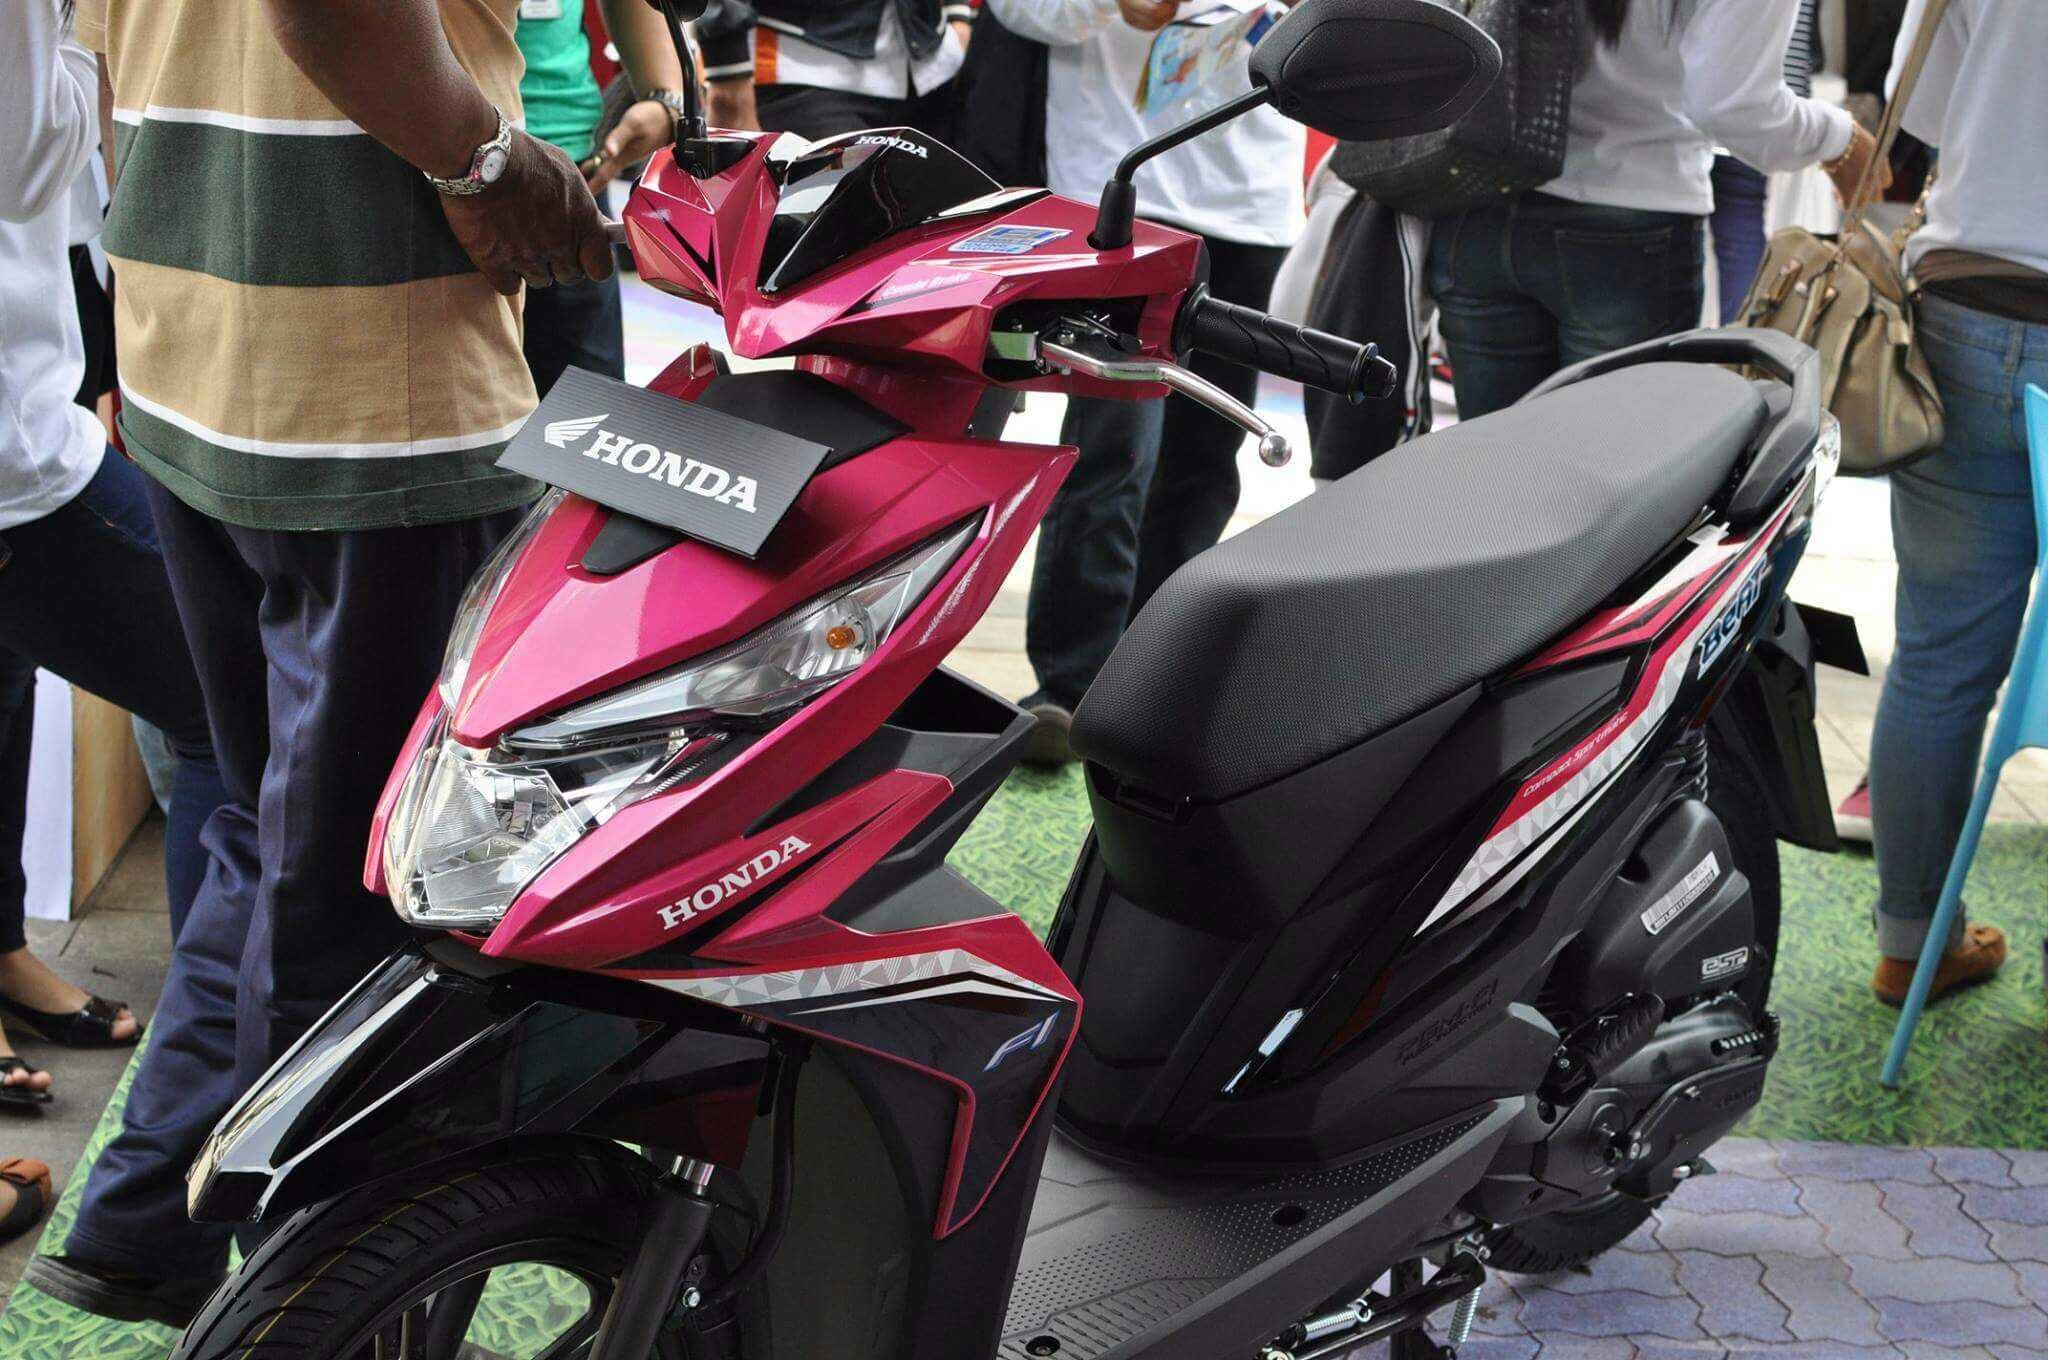 Harga Jual Honda Beat Fusion Magenta Black Vario Matte All New Sporty Esp Cbs Iss Electro Blue White Kota Semarang 99 Gambar Motor 2017 Terbaru